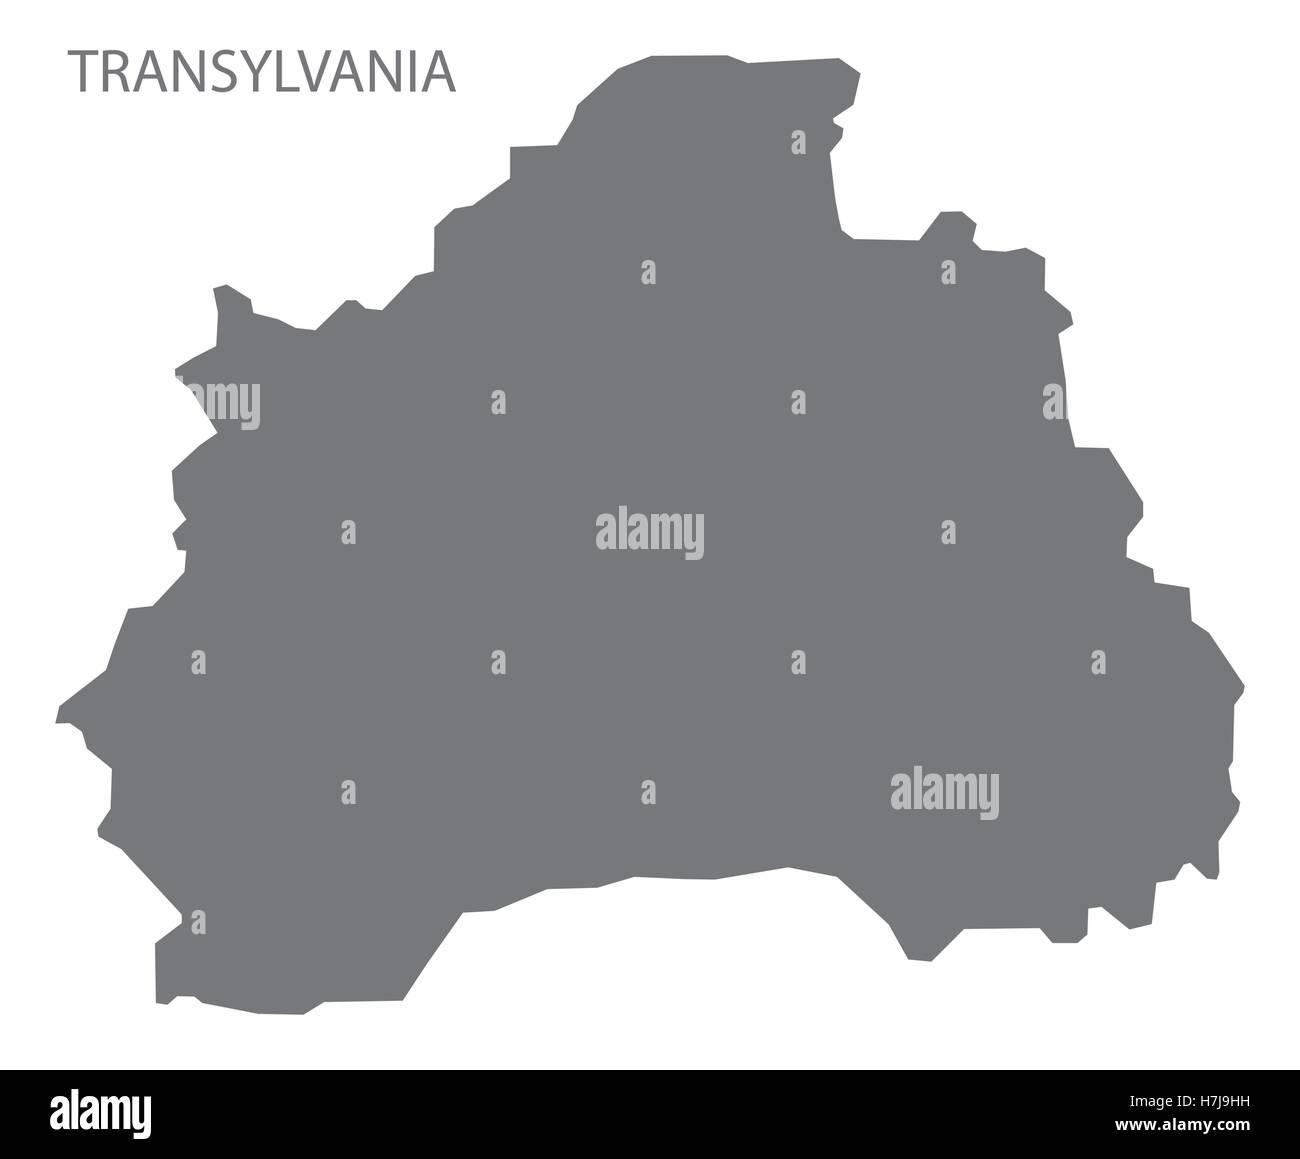 Transilvania Romania Cartina.Transilvania Romania Mappa Grigio Immagine E Vettoriale Alamy